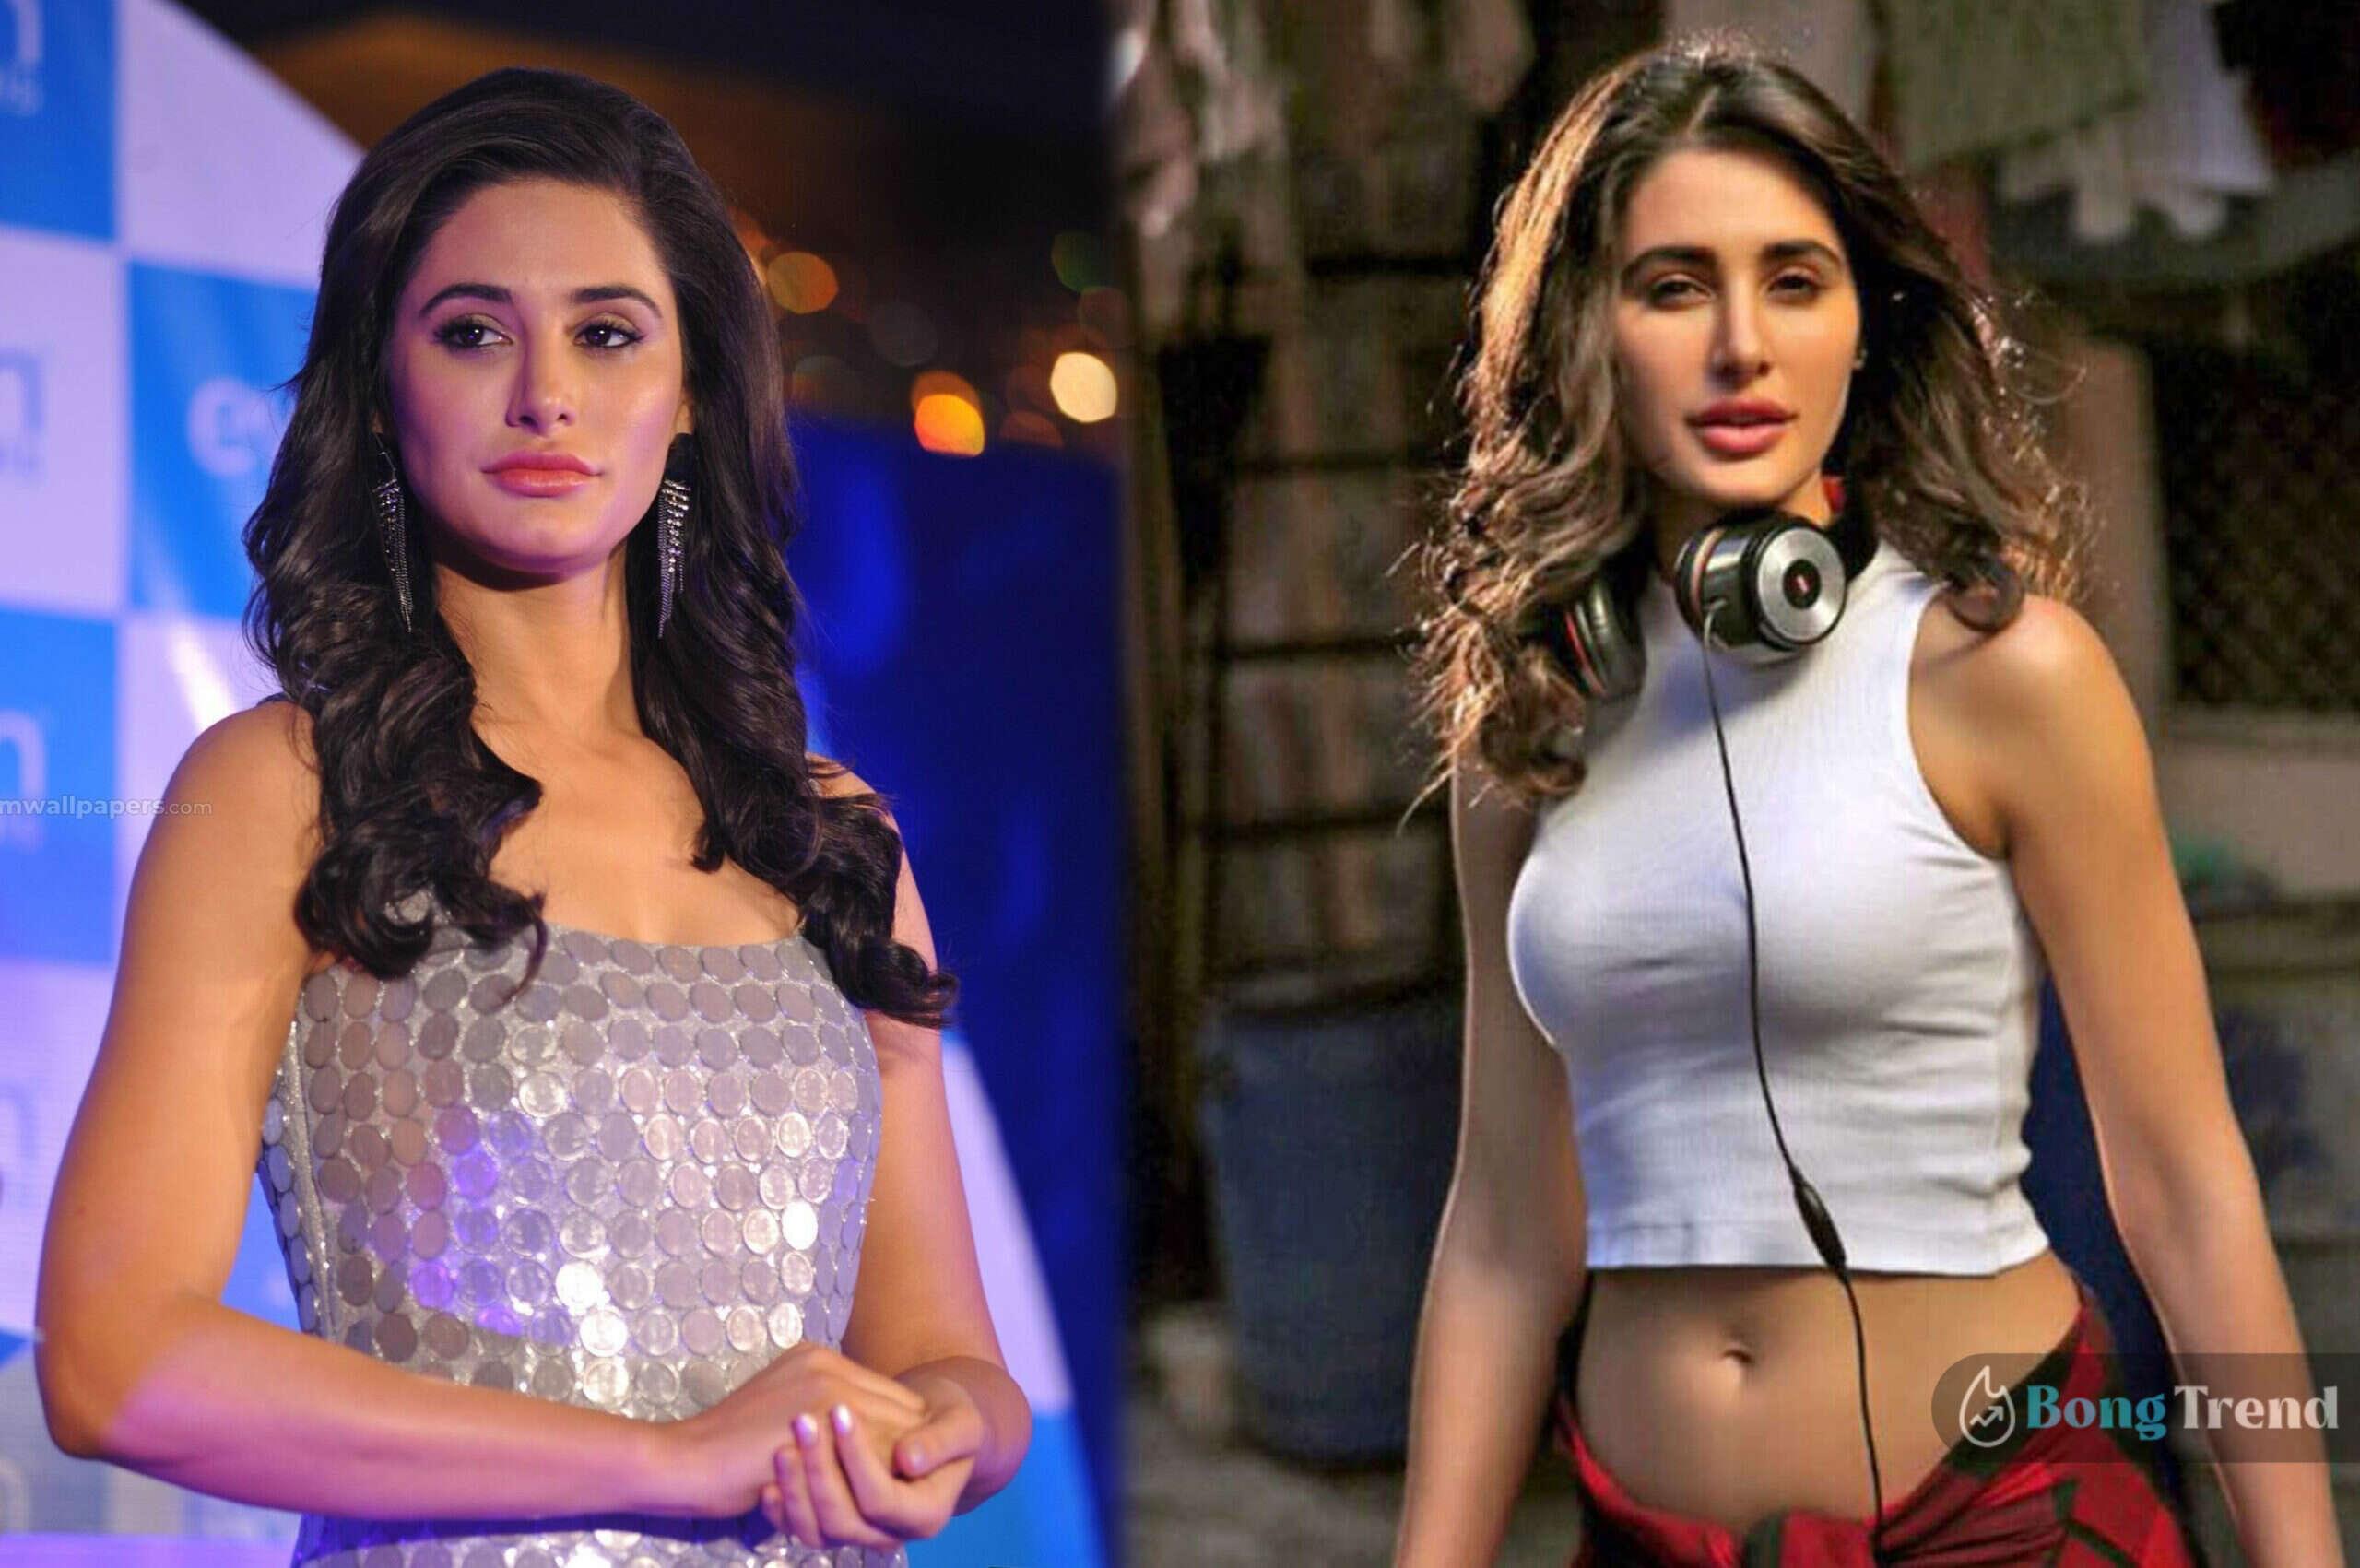 নার্গিস ফাকরি Nargis Fakhri on Bollywood